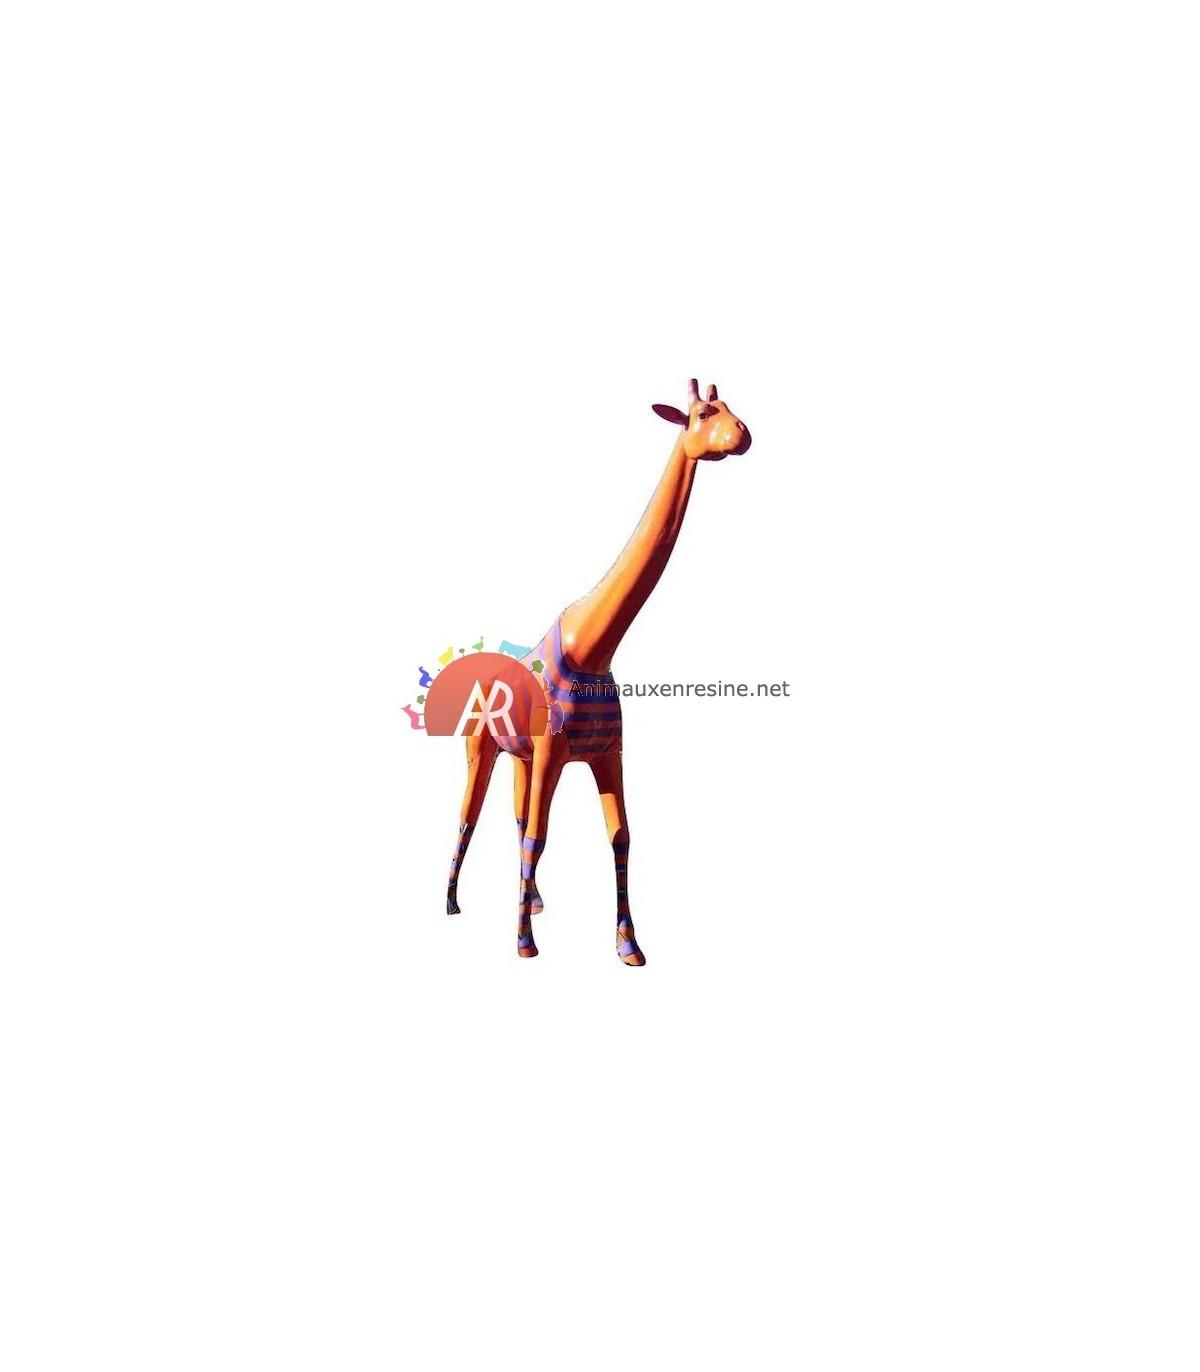 Statue Design Xxl Girafe En Résine Marinière pour Nain De Jardin Fuck